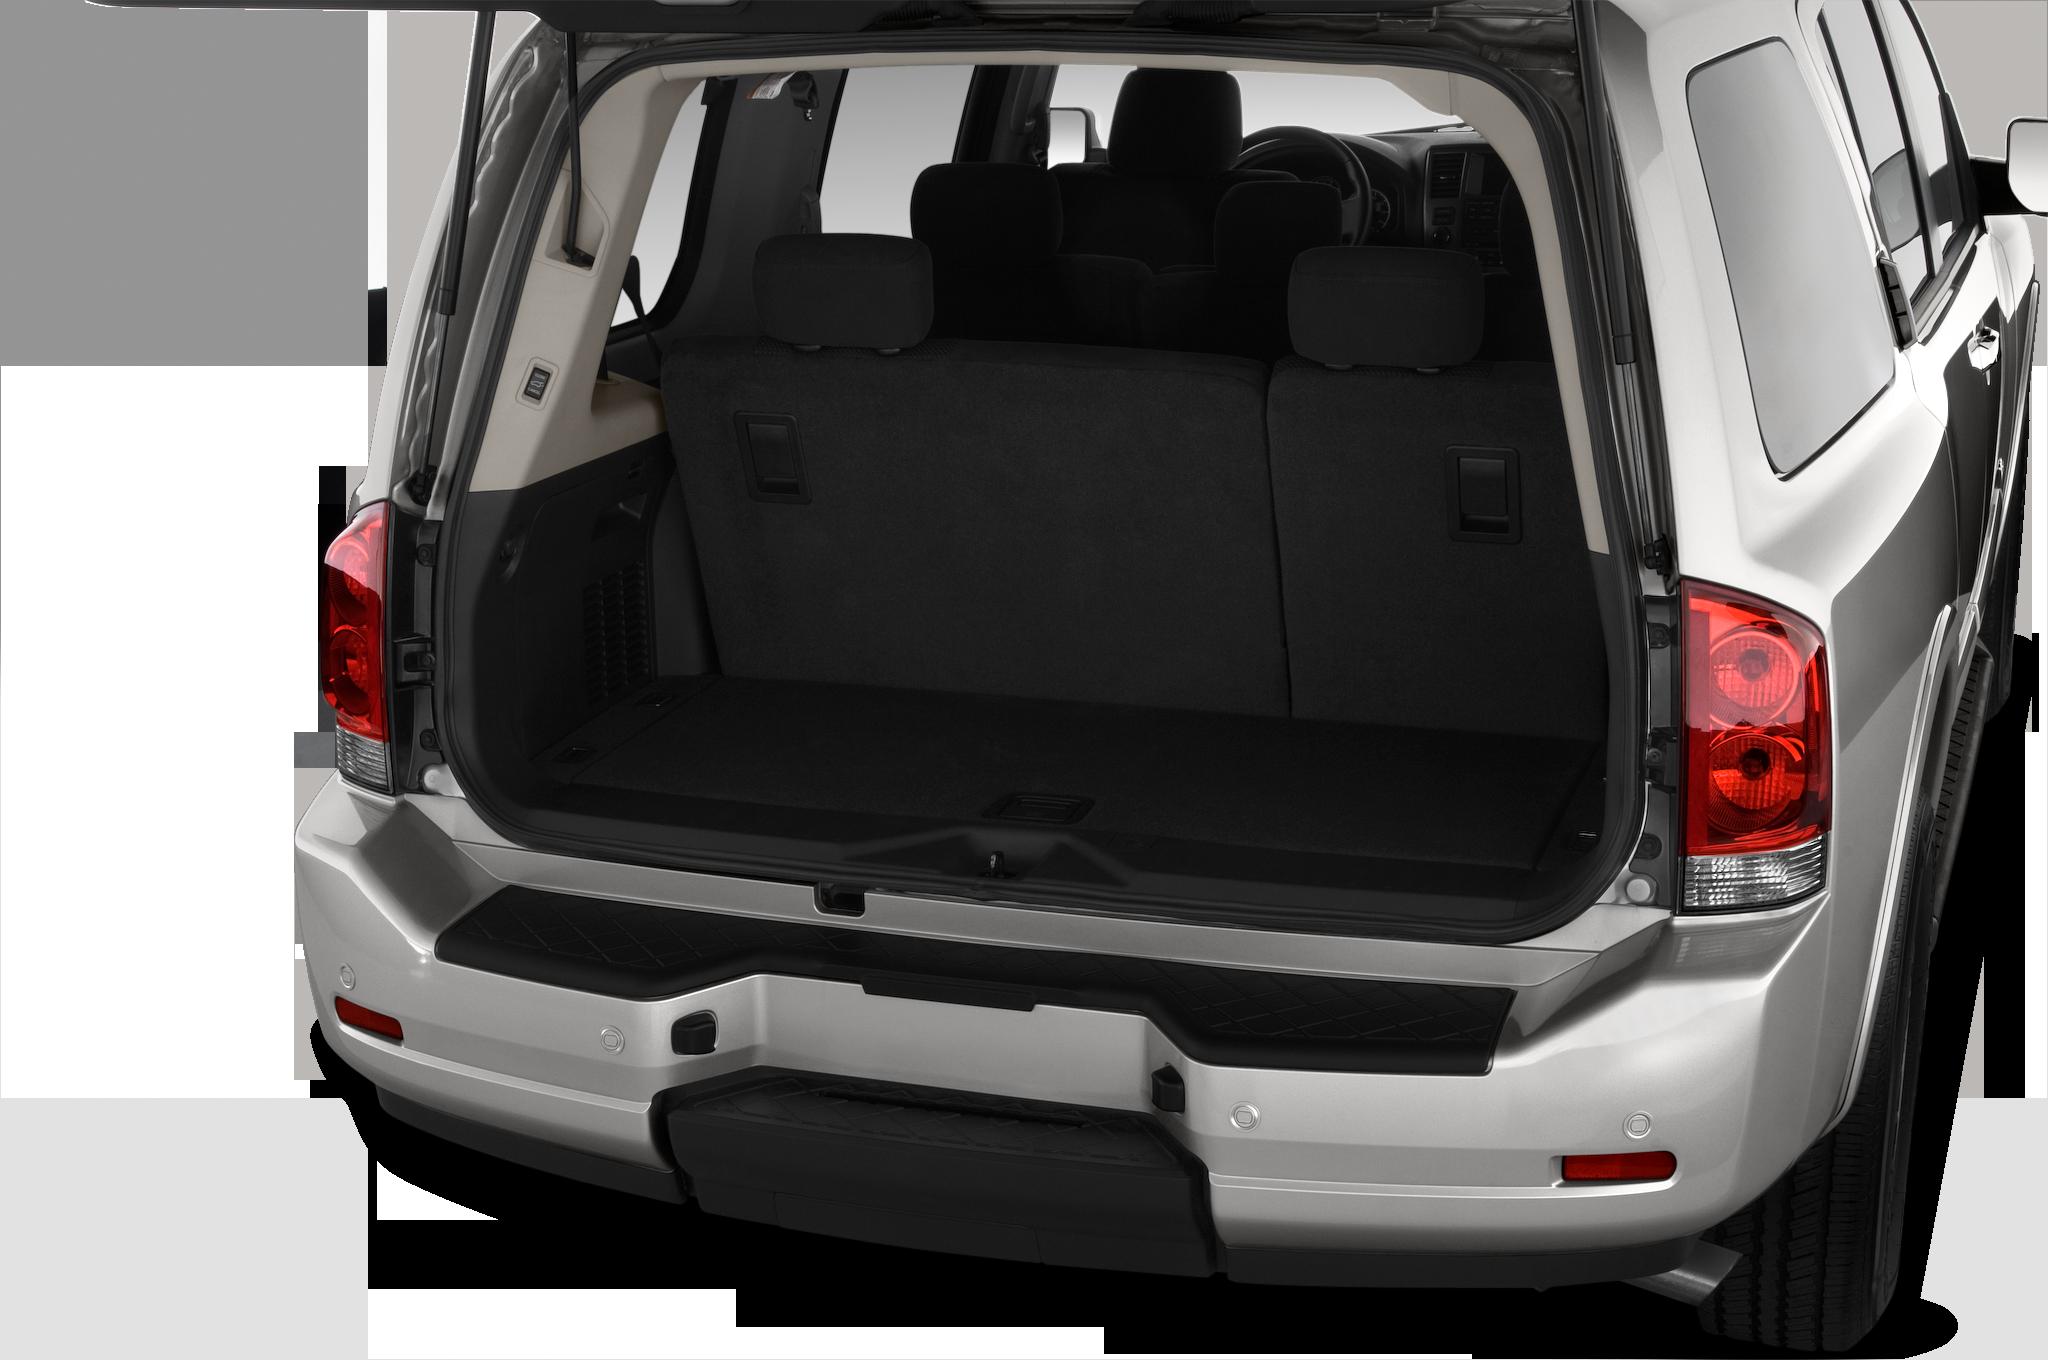 Nissan Armada I Restyling 2007 - 2016 SUV 5 door #2